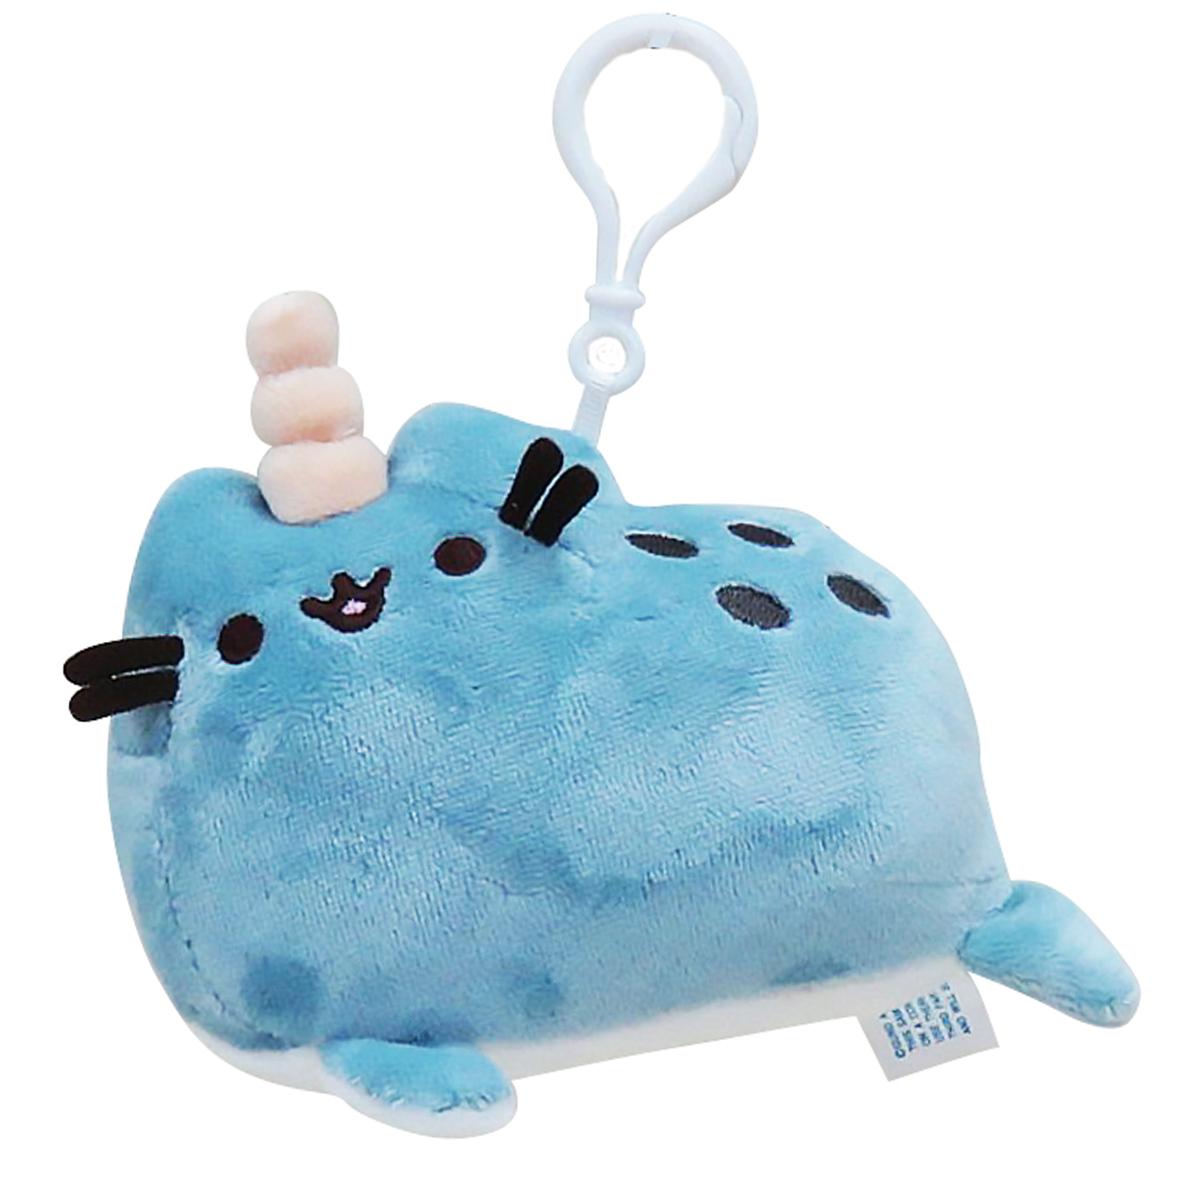 Peluche mousqueton \'Pusheen\' (balein unicorn) bleu - 9 cm - [Q1861]